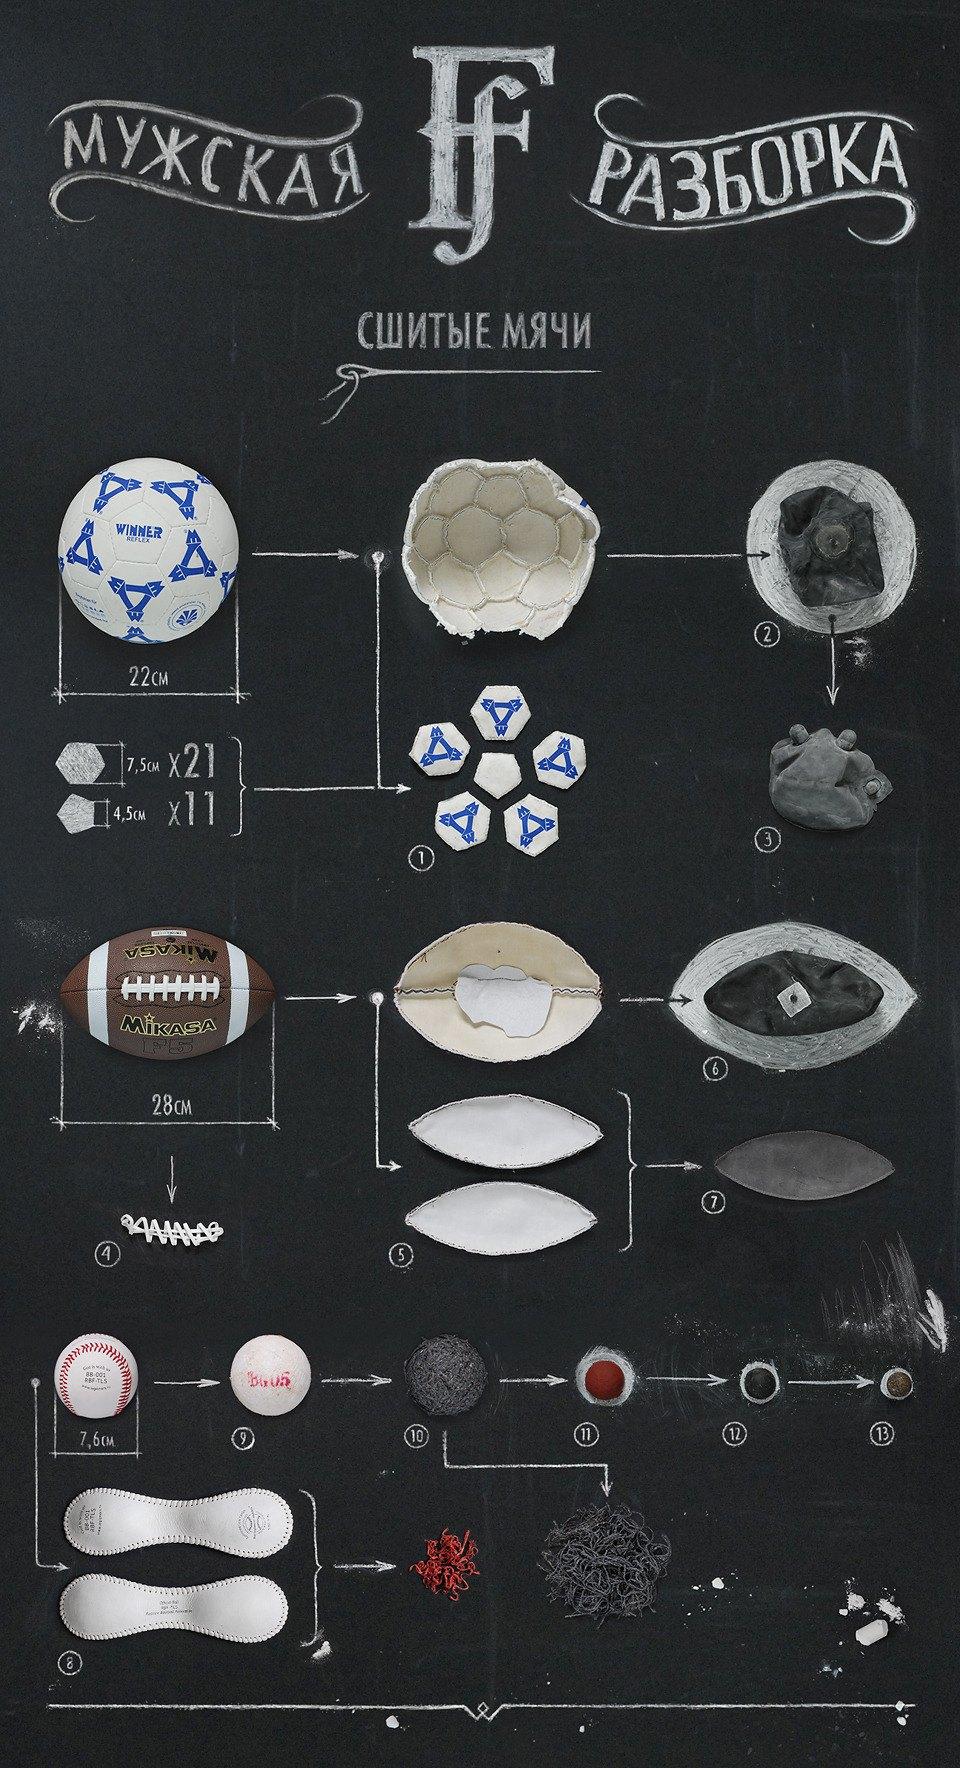 Мужская разборка: Из чего состоят сшитые мячи. Изображение № 1.